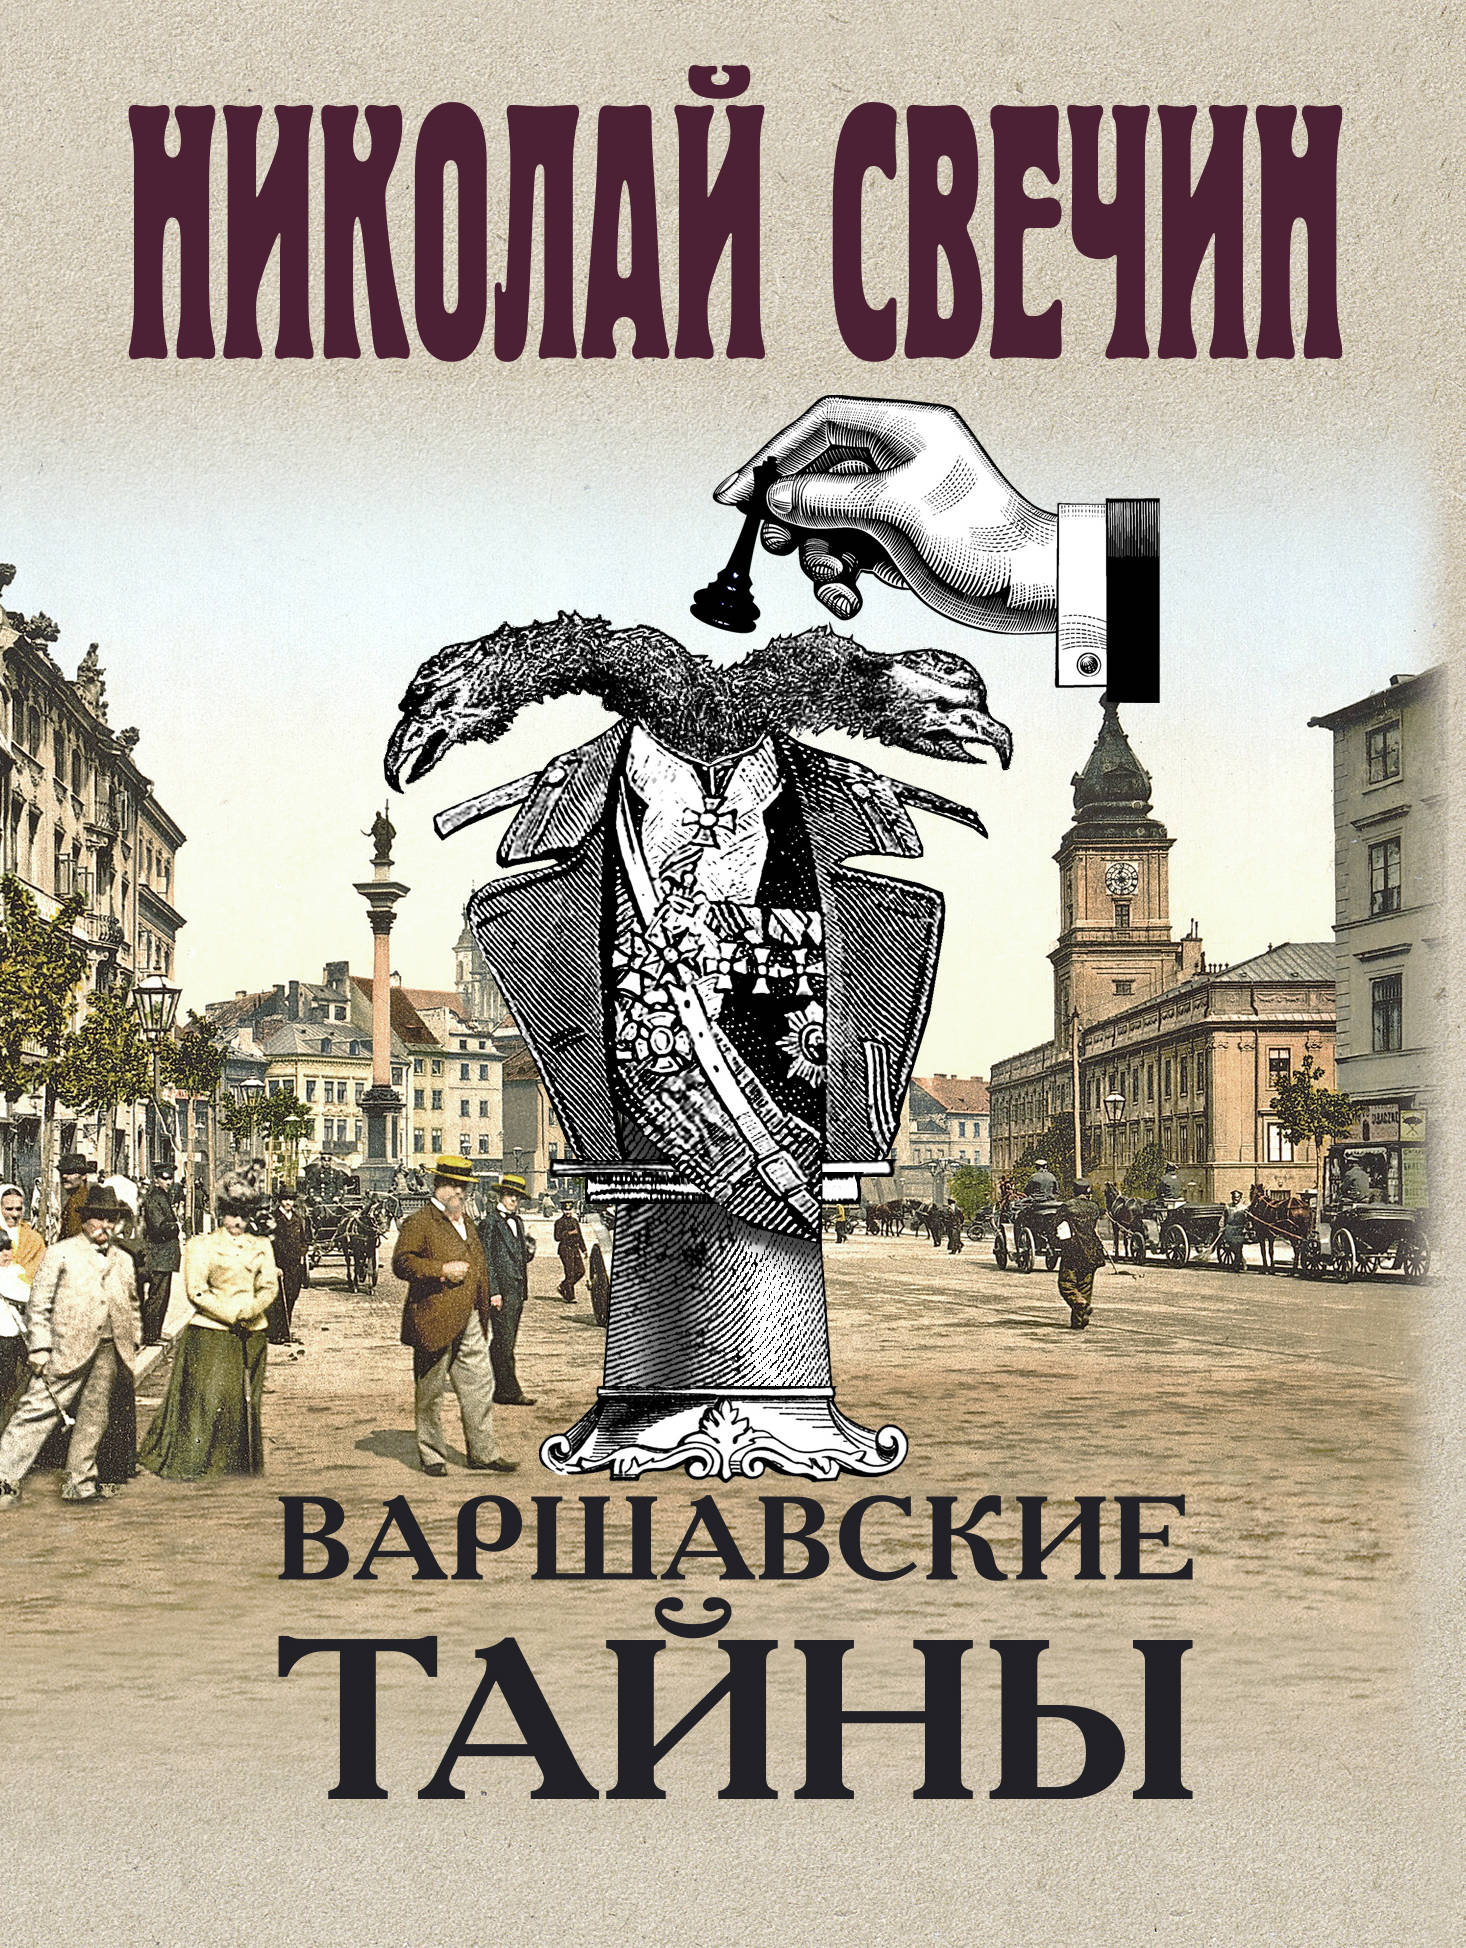 Варшавские тайны